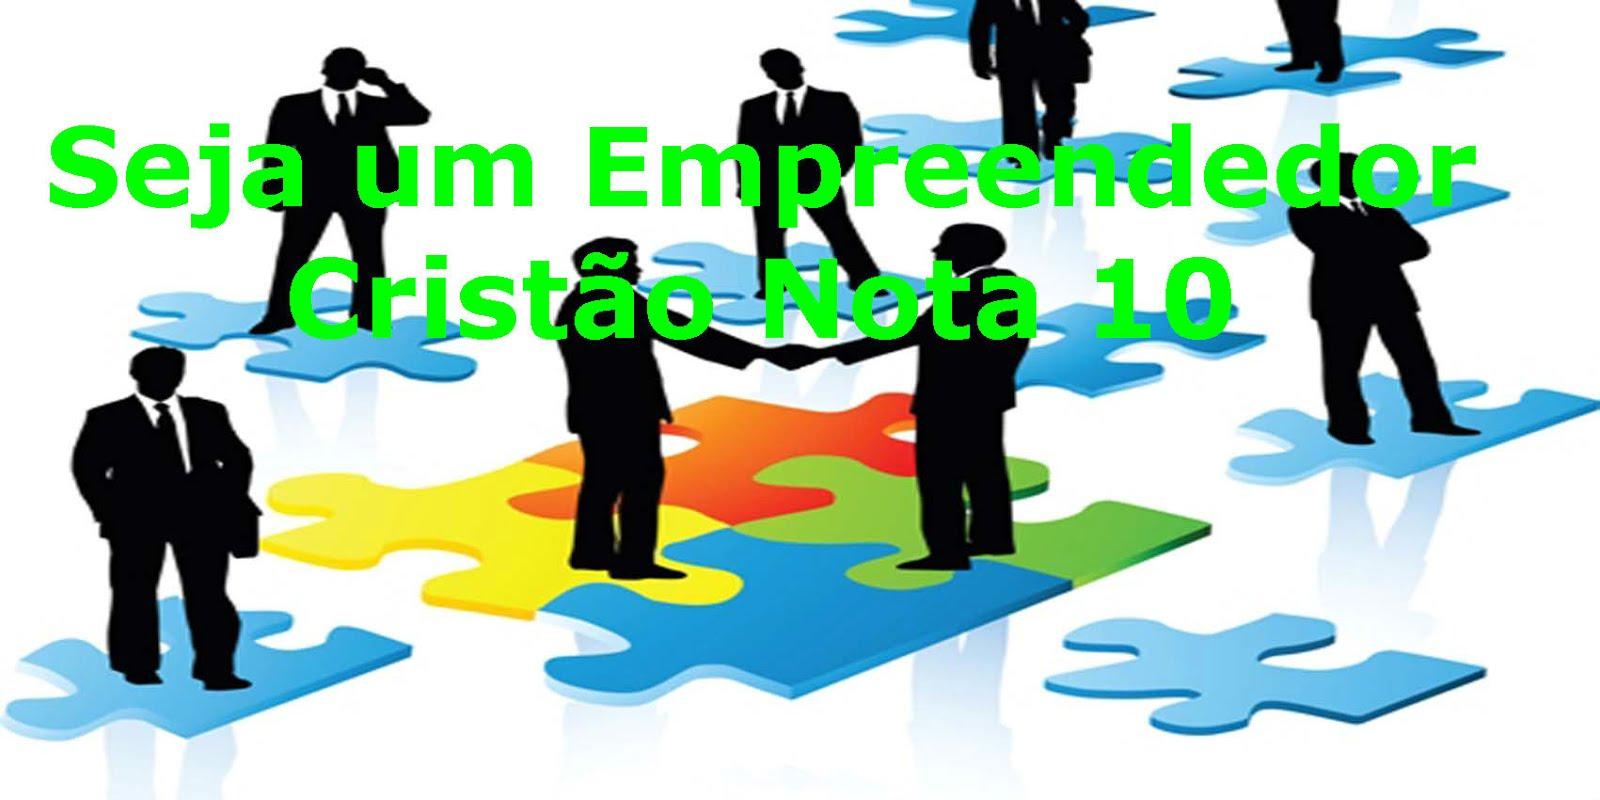 Seja um Empreendedor Cristão